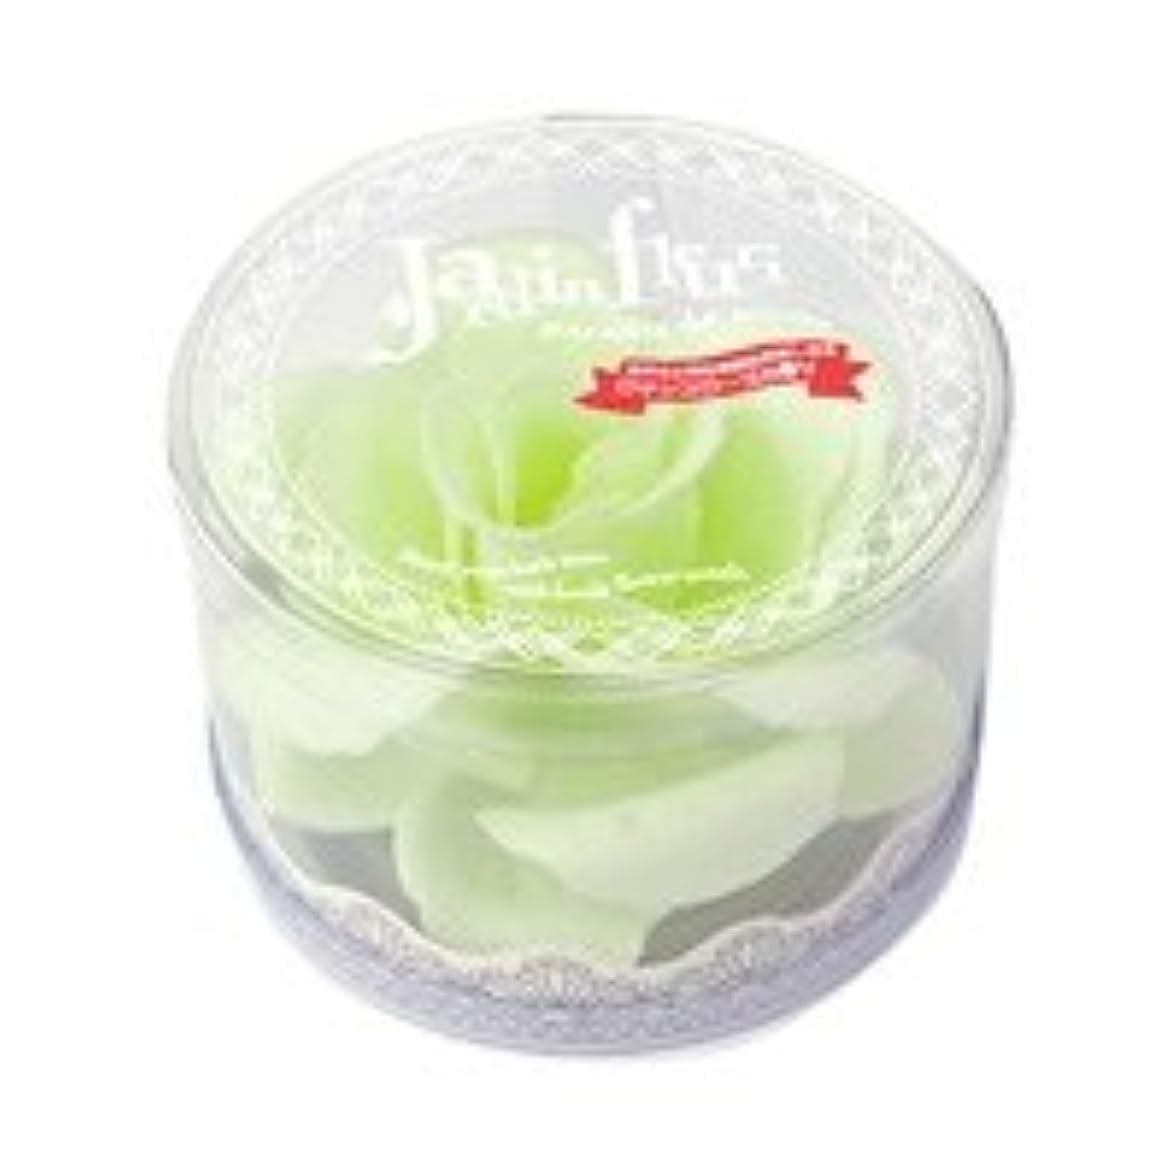 アイザック理容師脱獄ジャンダンフルリ バスペタル ボックス「ペール グリーン」6個セット ロマンスローズの香り